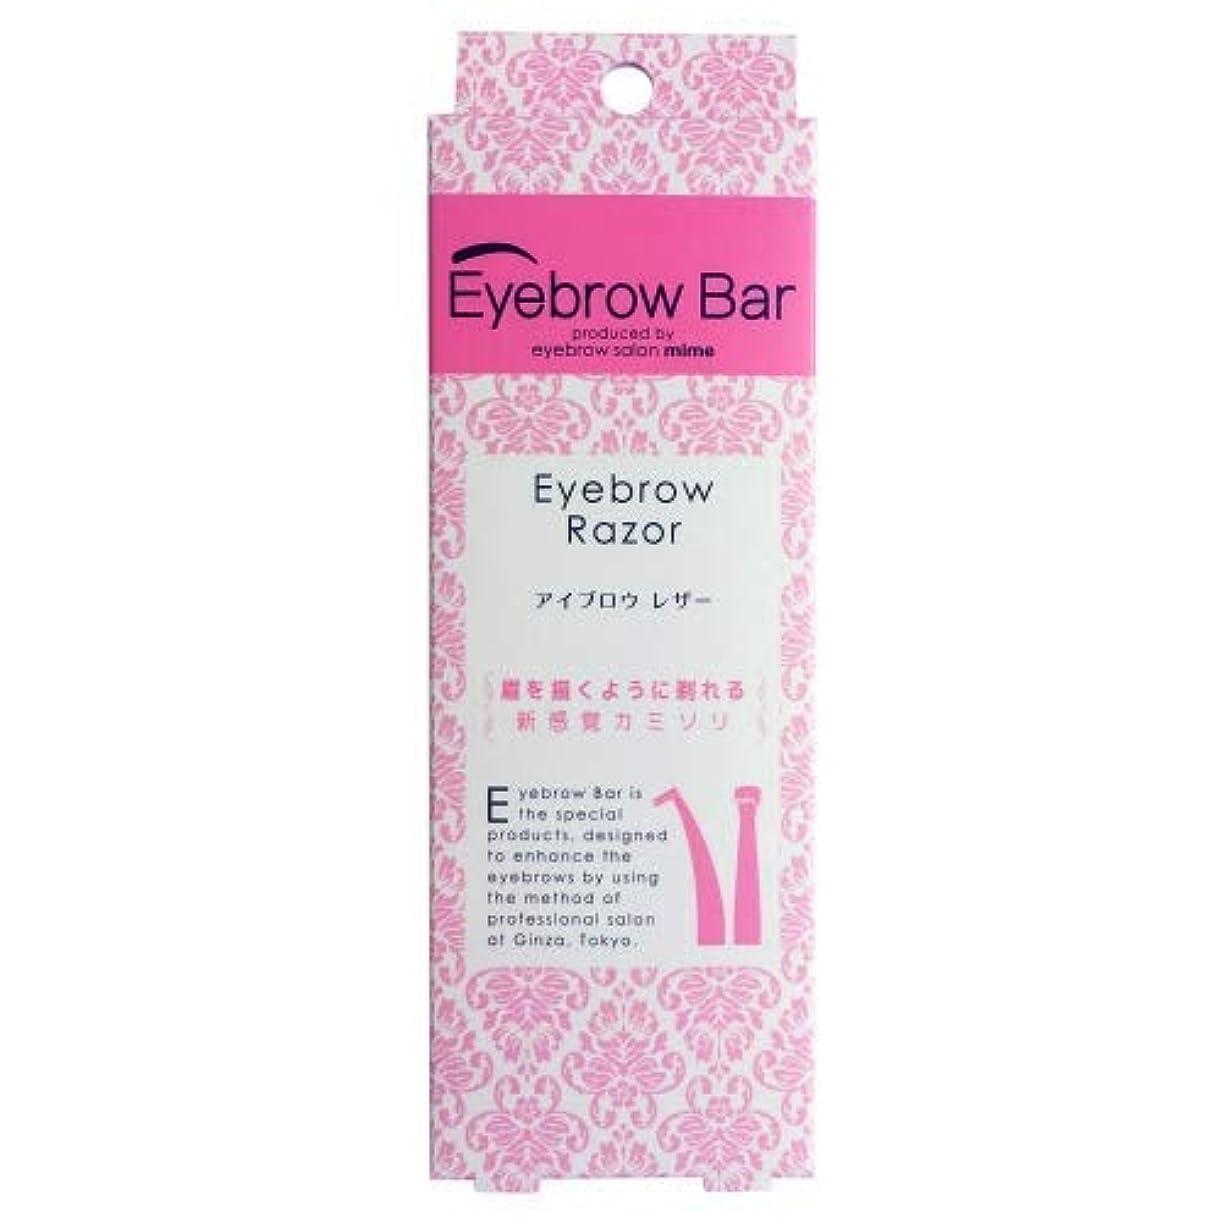 キャンプフォアマン限界EBB-03 Eyebrow Bar アイブロウ レザー 1本 × 4個セット